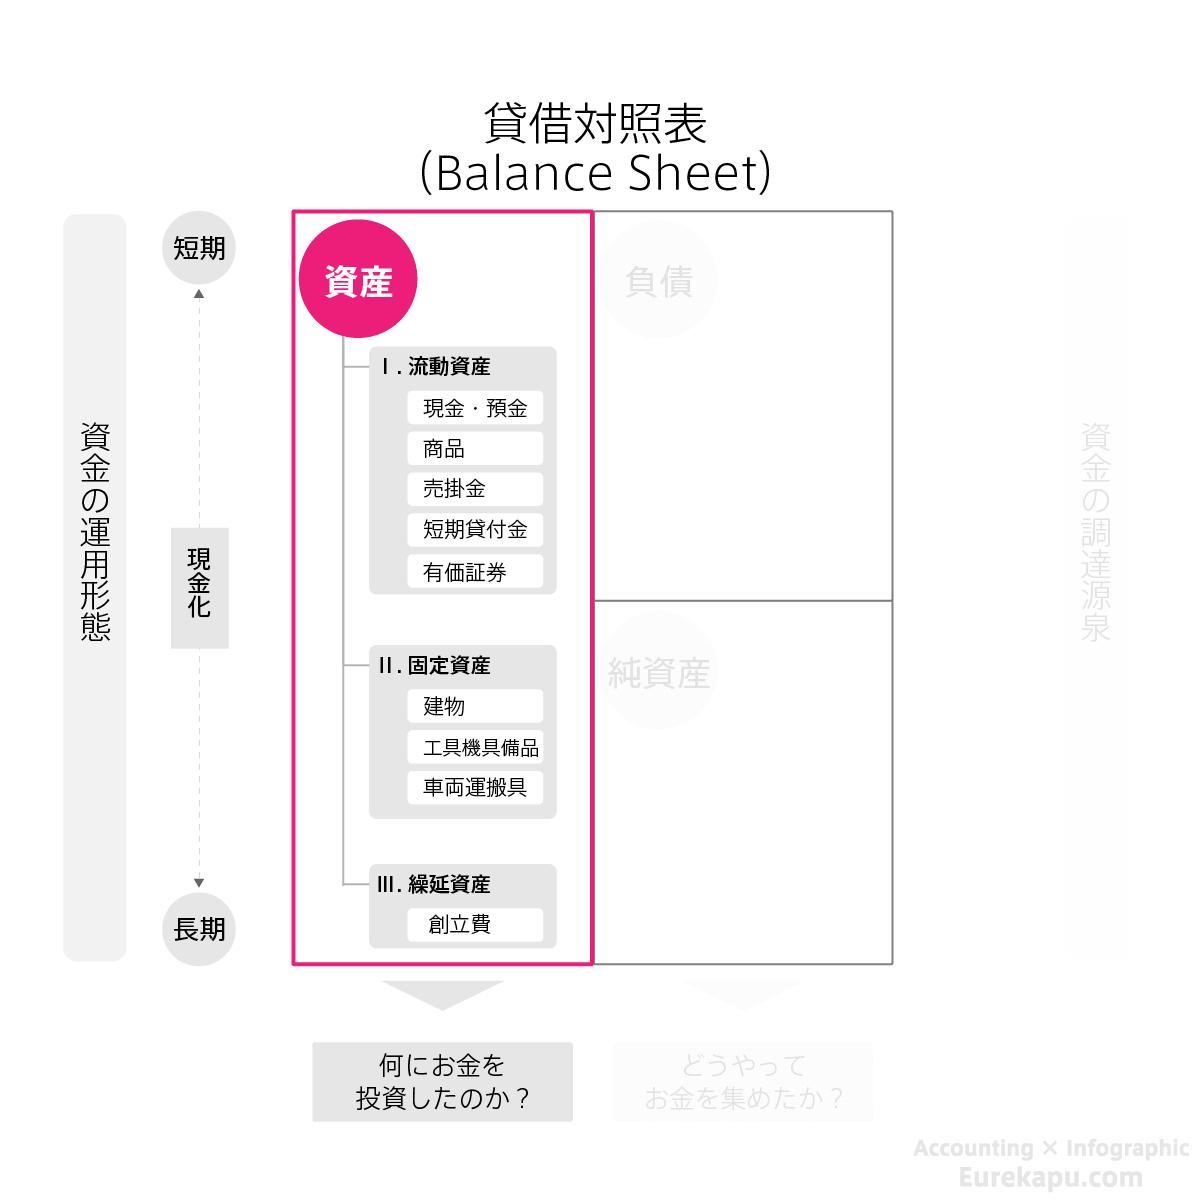 貸借対照表の左側、資産を詳細に説明した図です